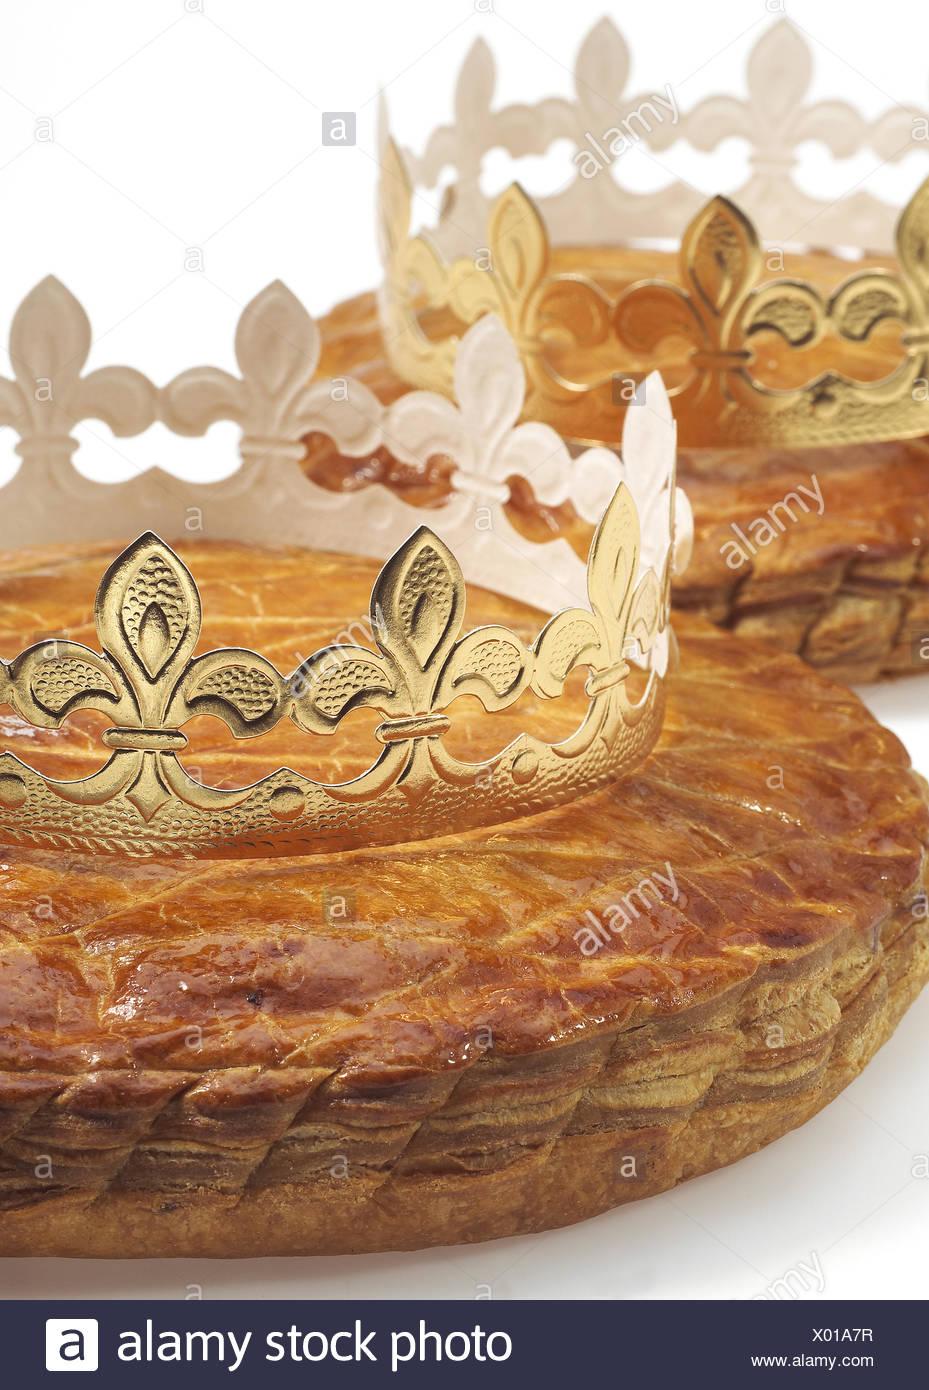 Galette Des Rois Mit Krone Franzosisch Kuchen Feiern Epiphany